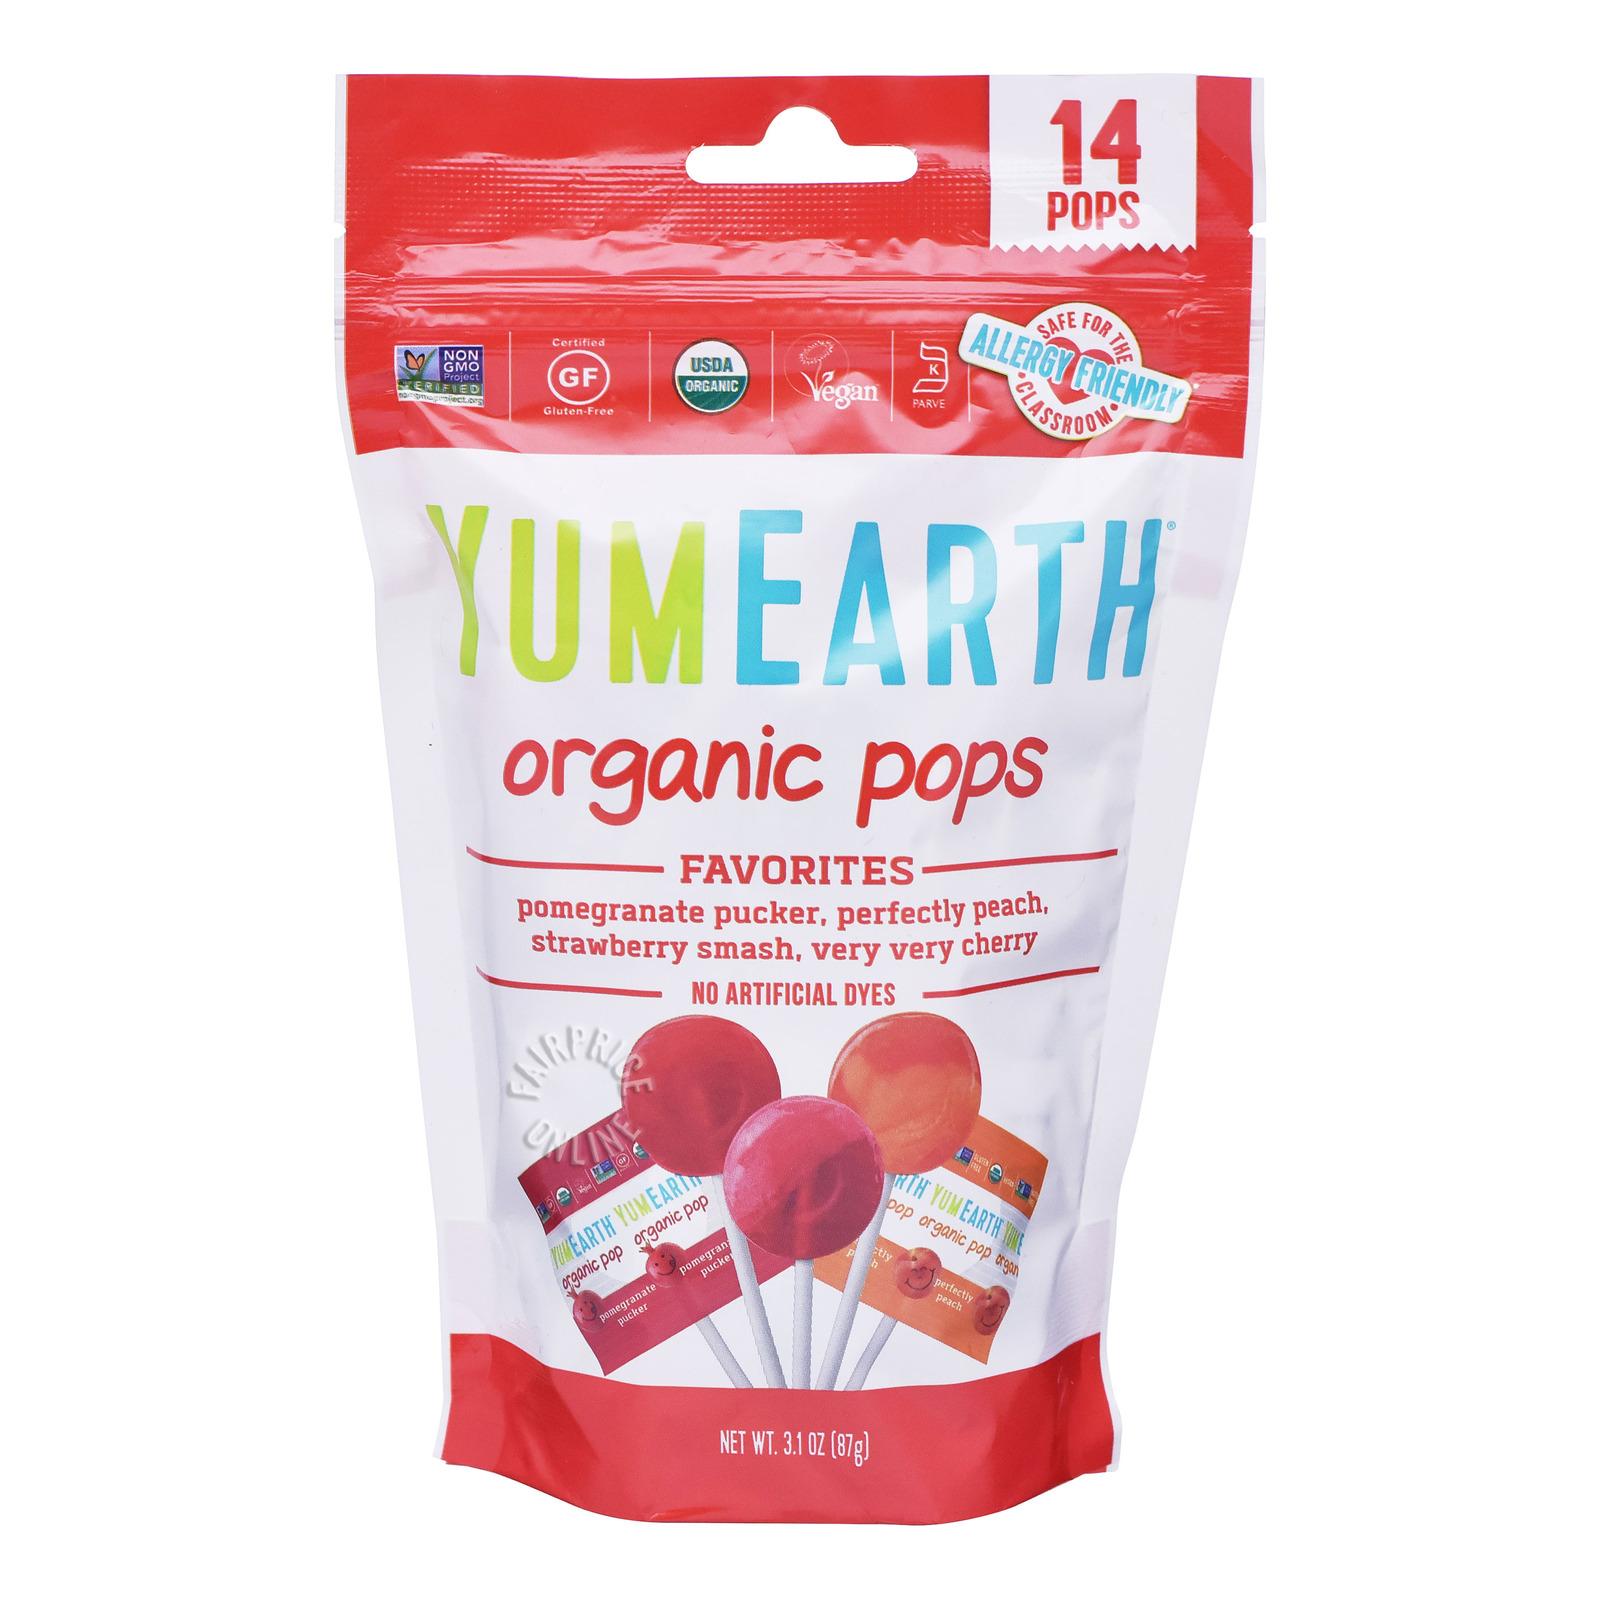 Yum Earth Organics Lollipops - Assorted